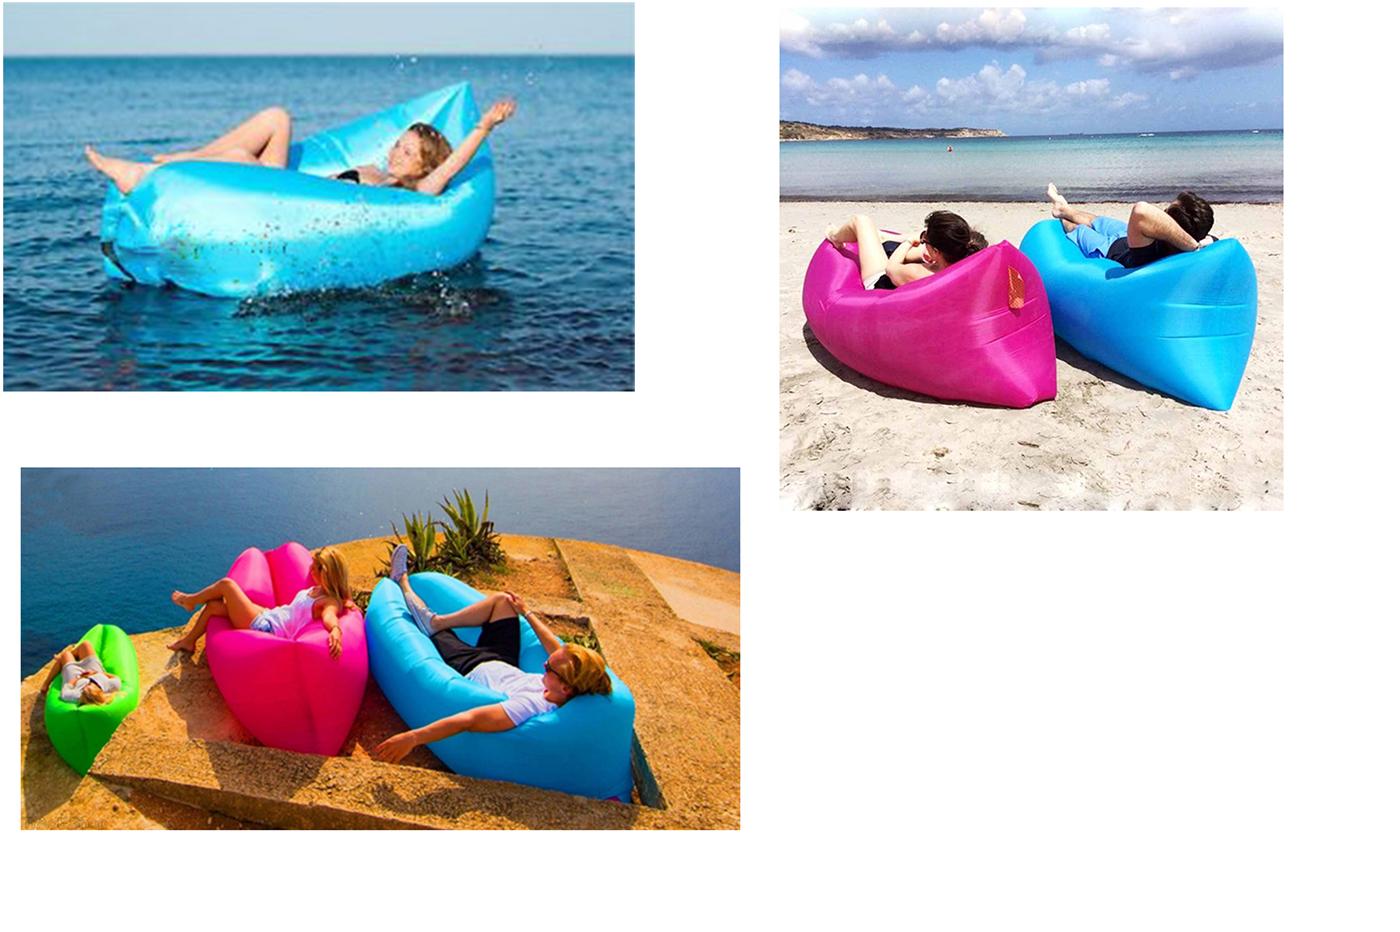 Lettino Gonfiabile Spiaggia.Divano Sacco Gonfiabile Aria Lettino Materassino Vacanze Mare Spiaggia Relax